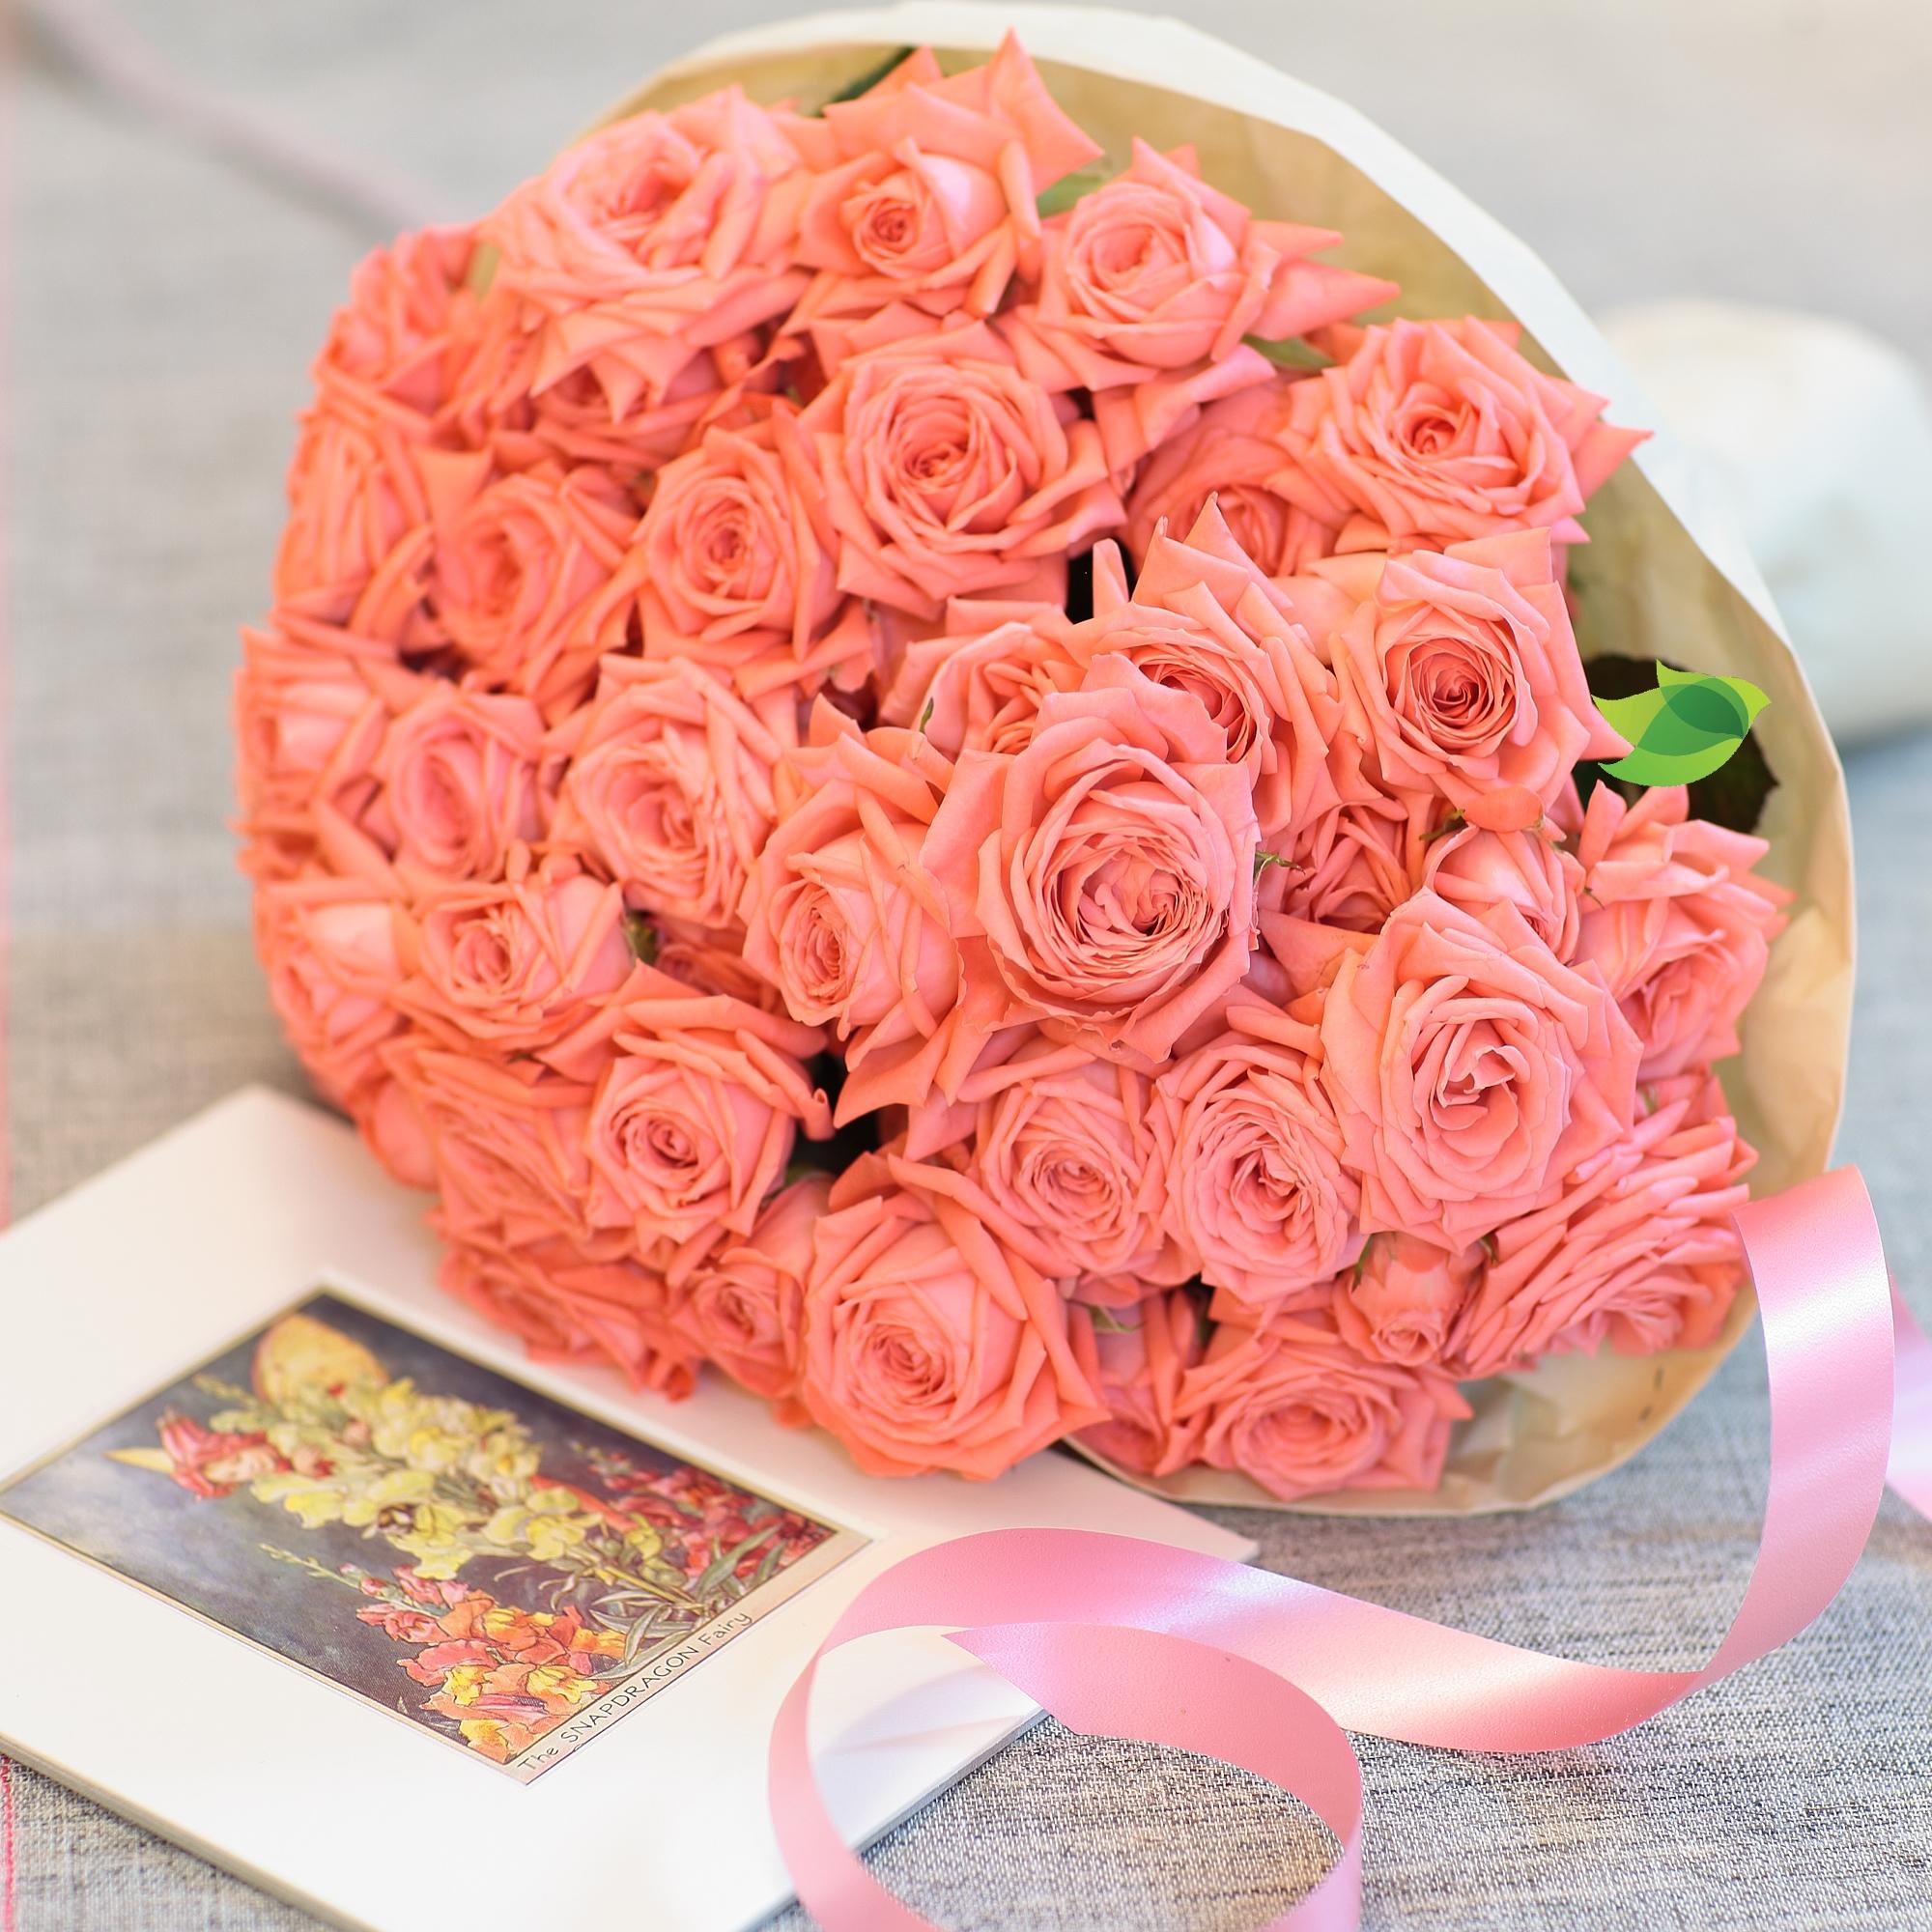 Фото букета: Большой букет роз